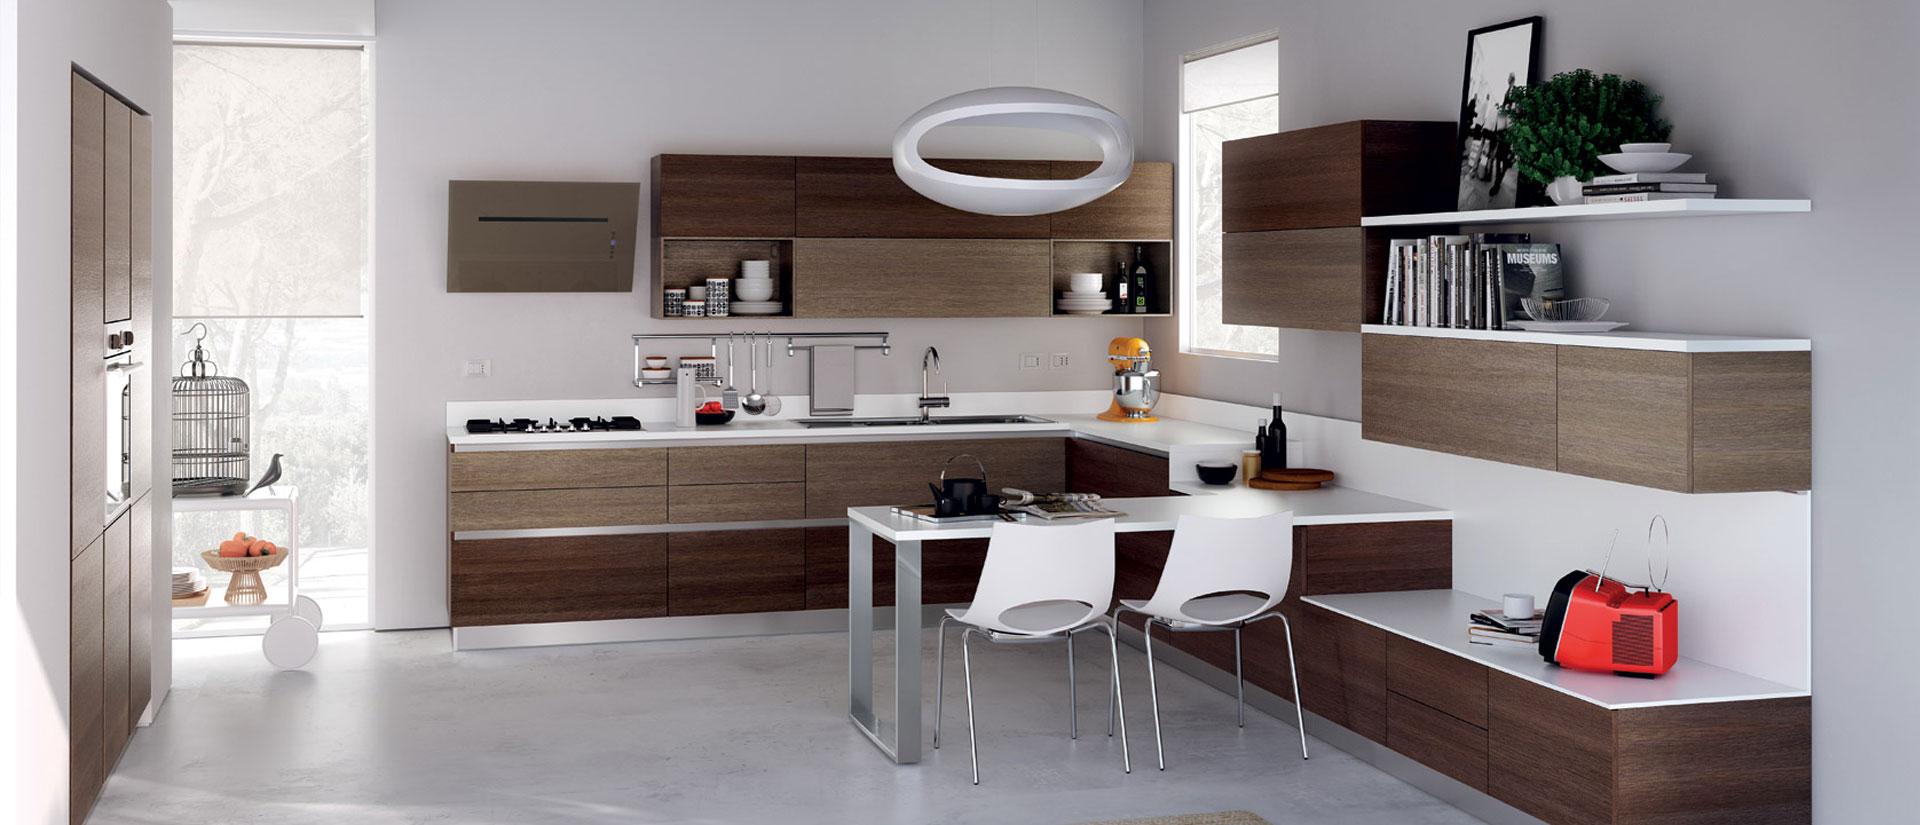 Cucina Scavolini Evolution, la Scavolini Basic per tutti ...